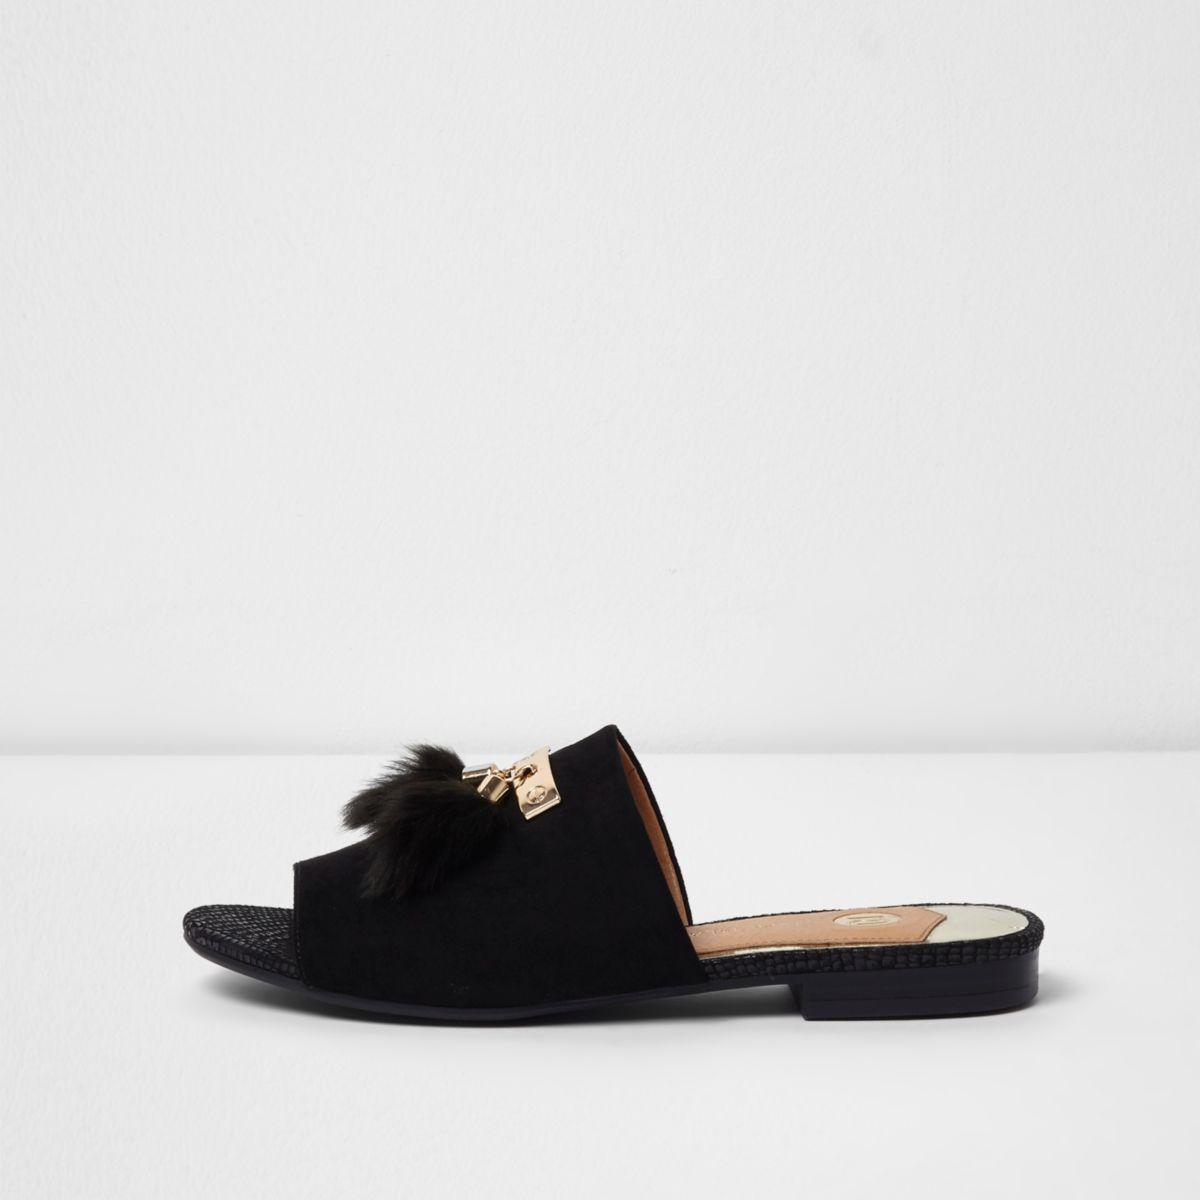 Zwarte loafers zonder achterkant met kwastjes